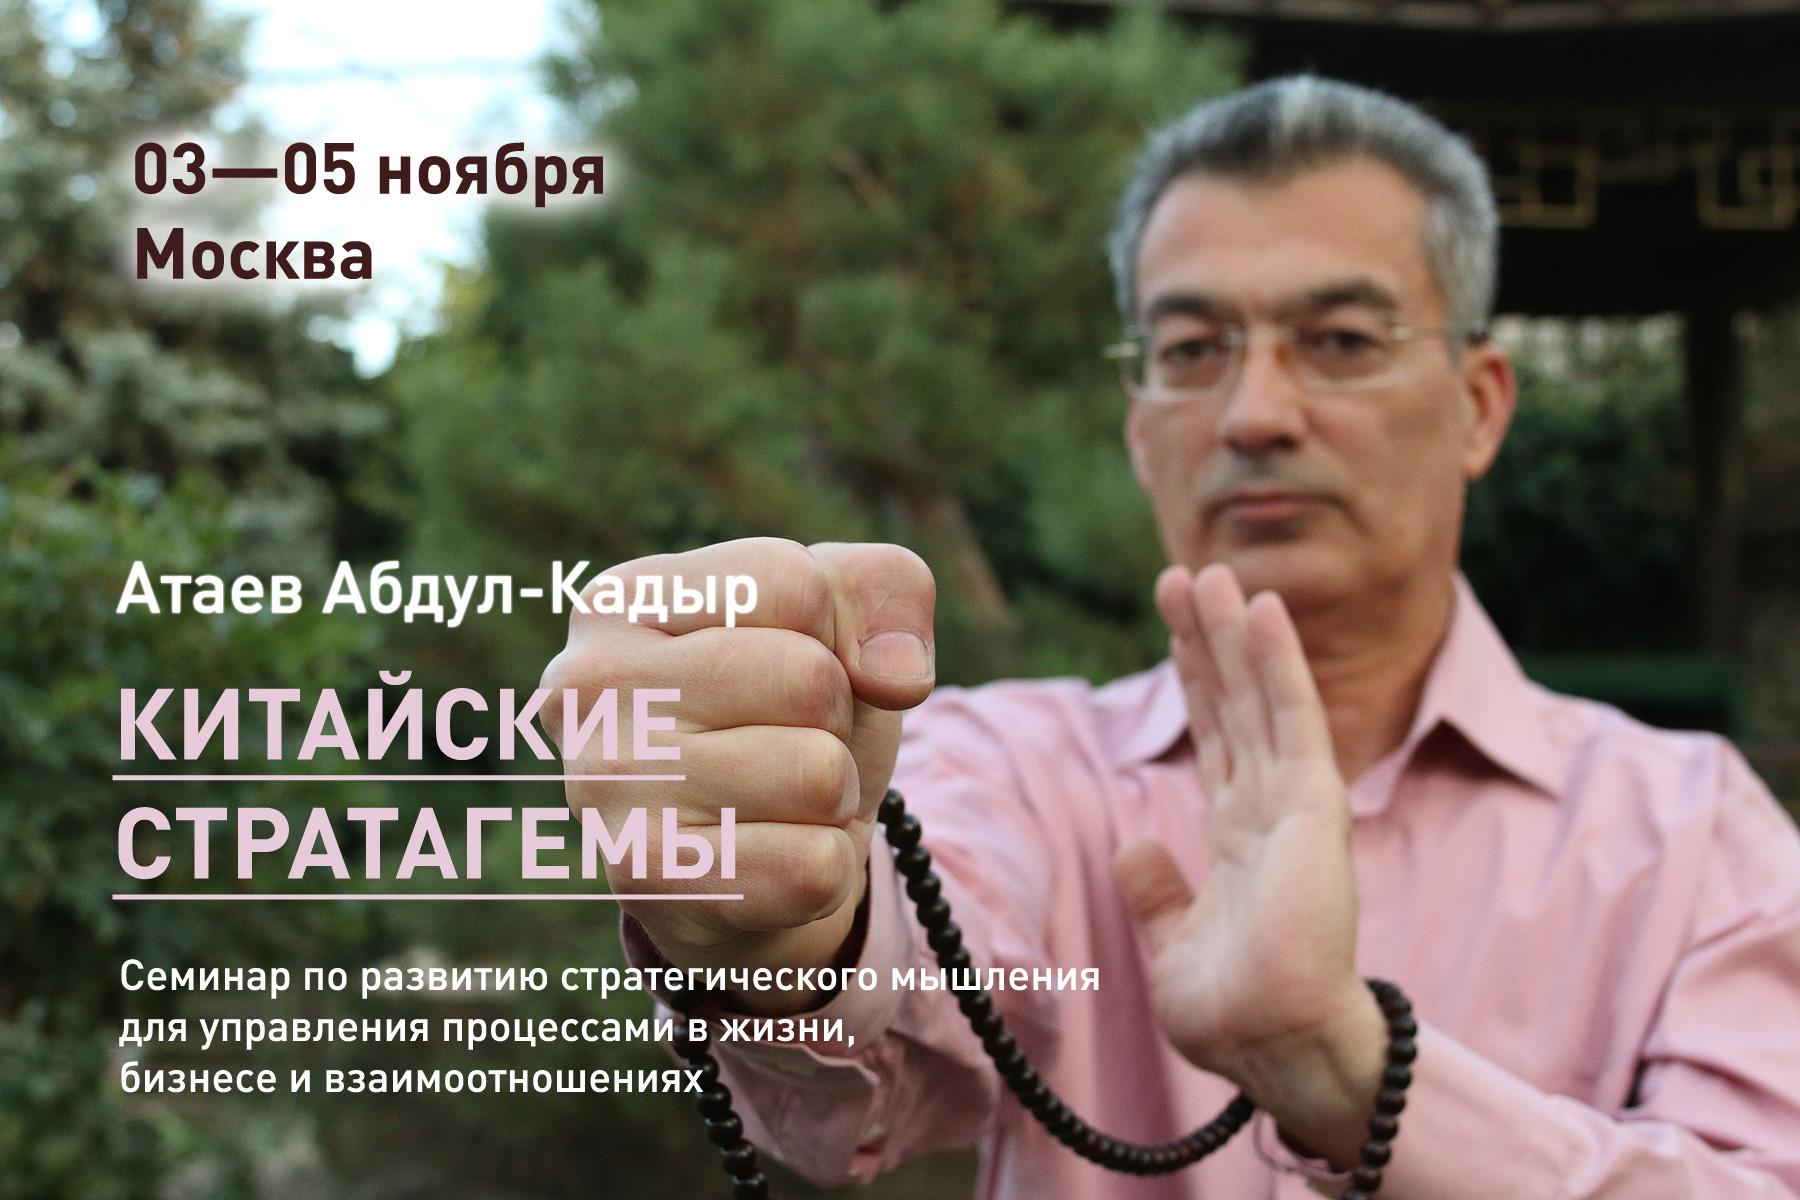 Китайские стратагемы, Атаев Абдул-Кадыр, Семинар по развитию стратегического мышления